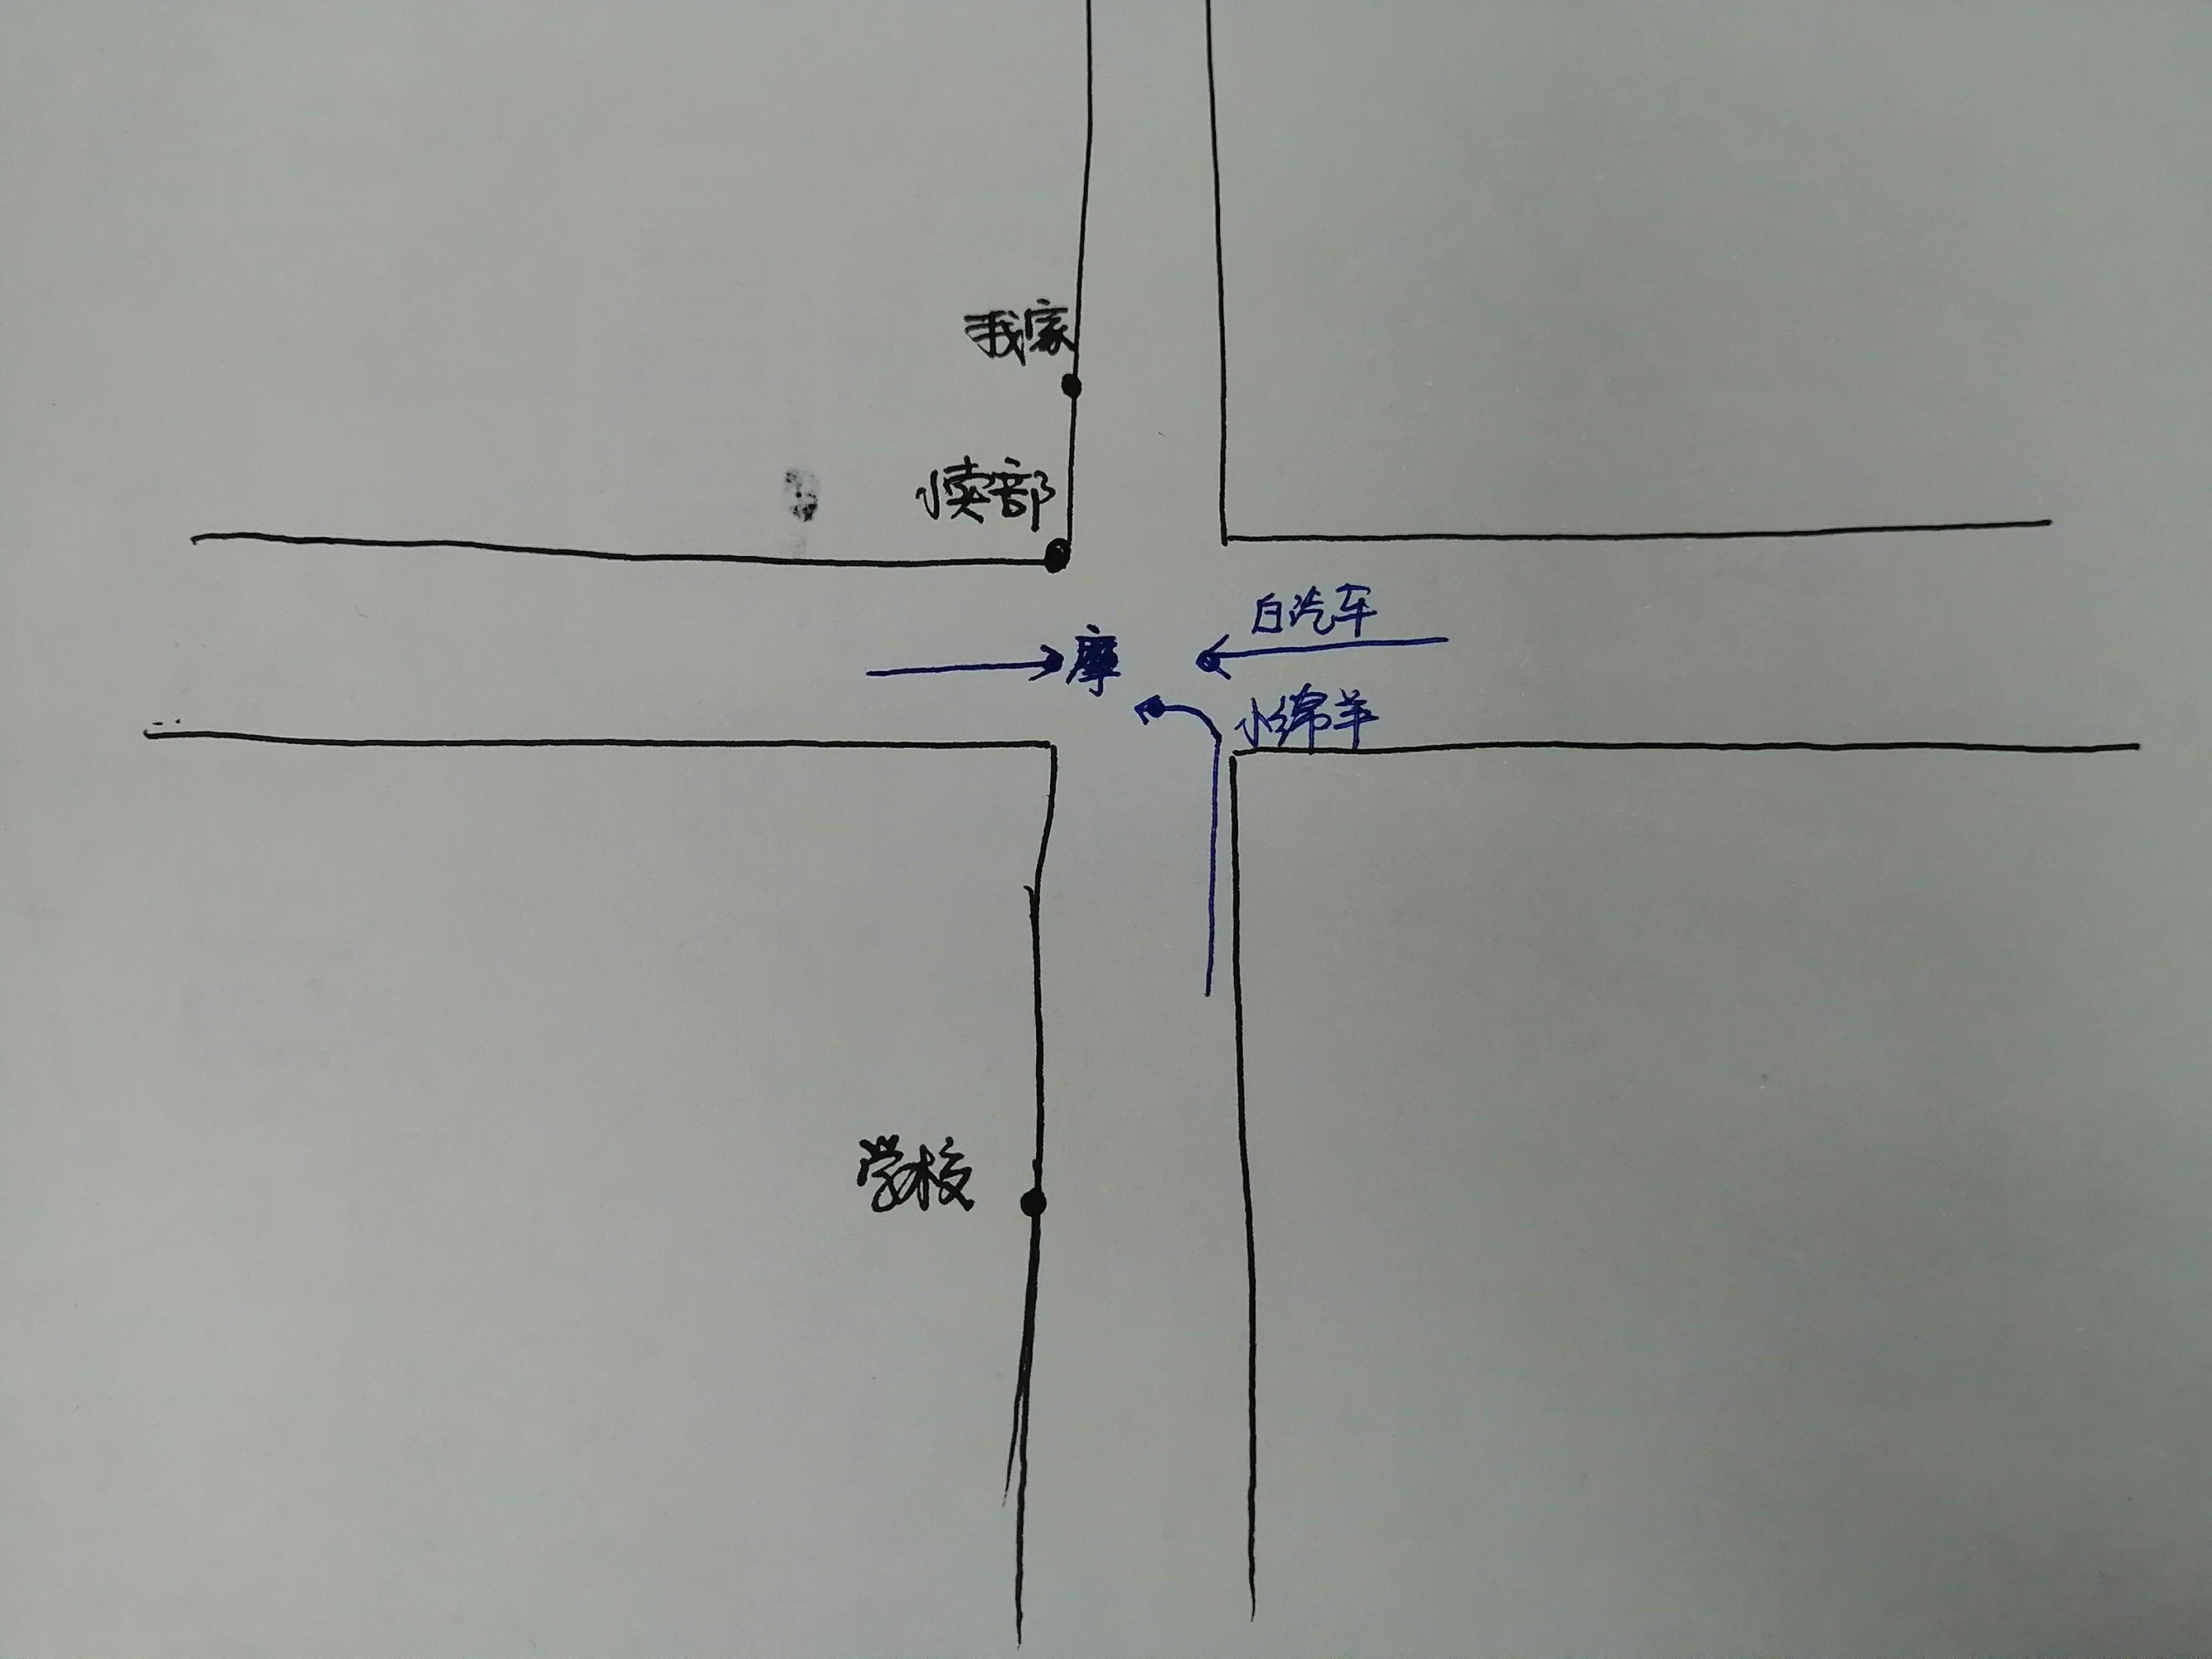 十字路口的车祸